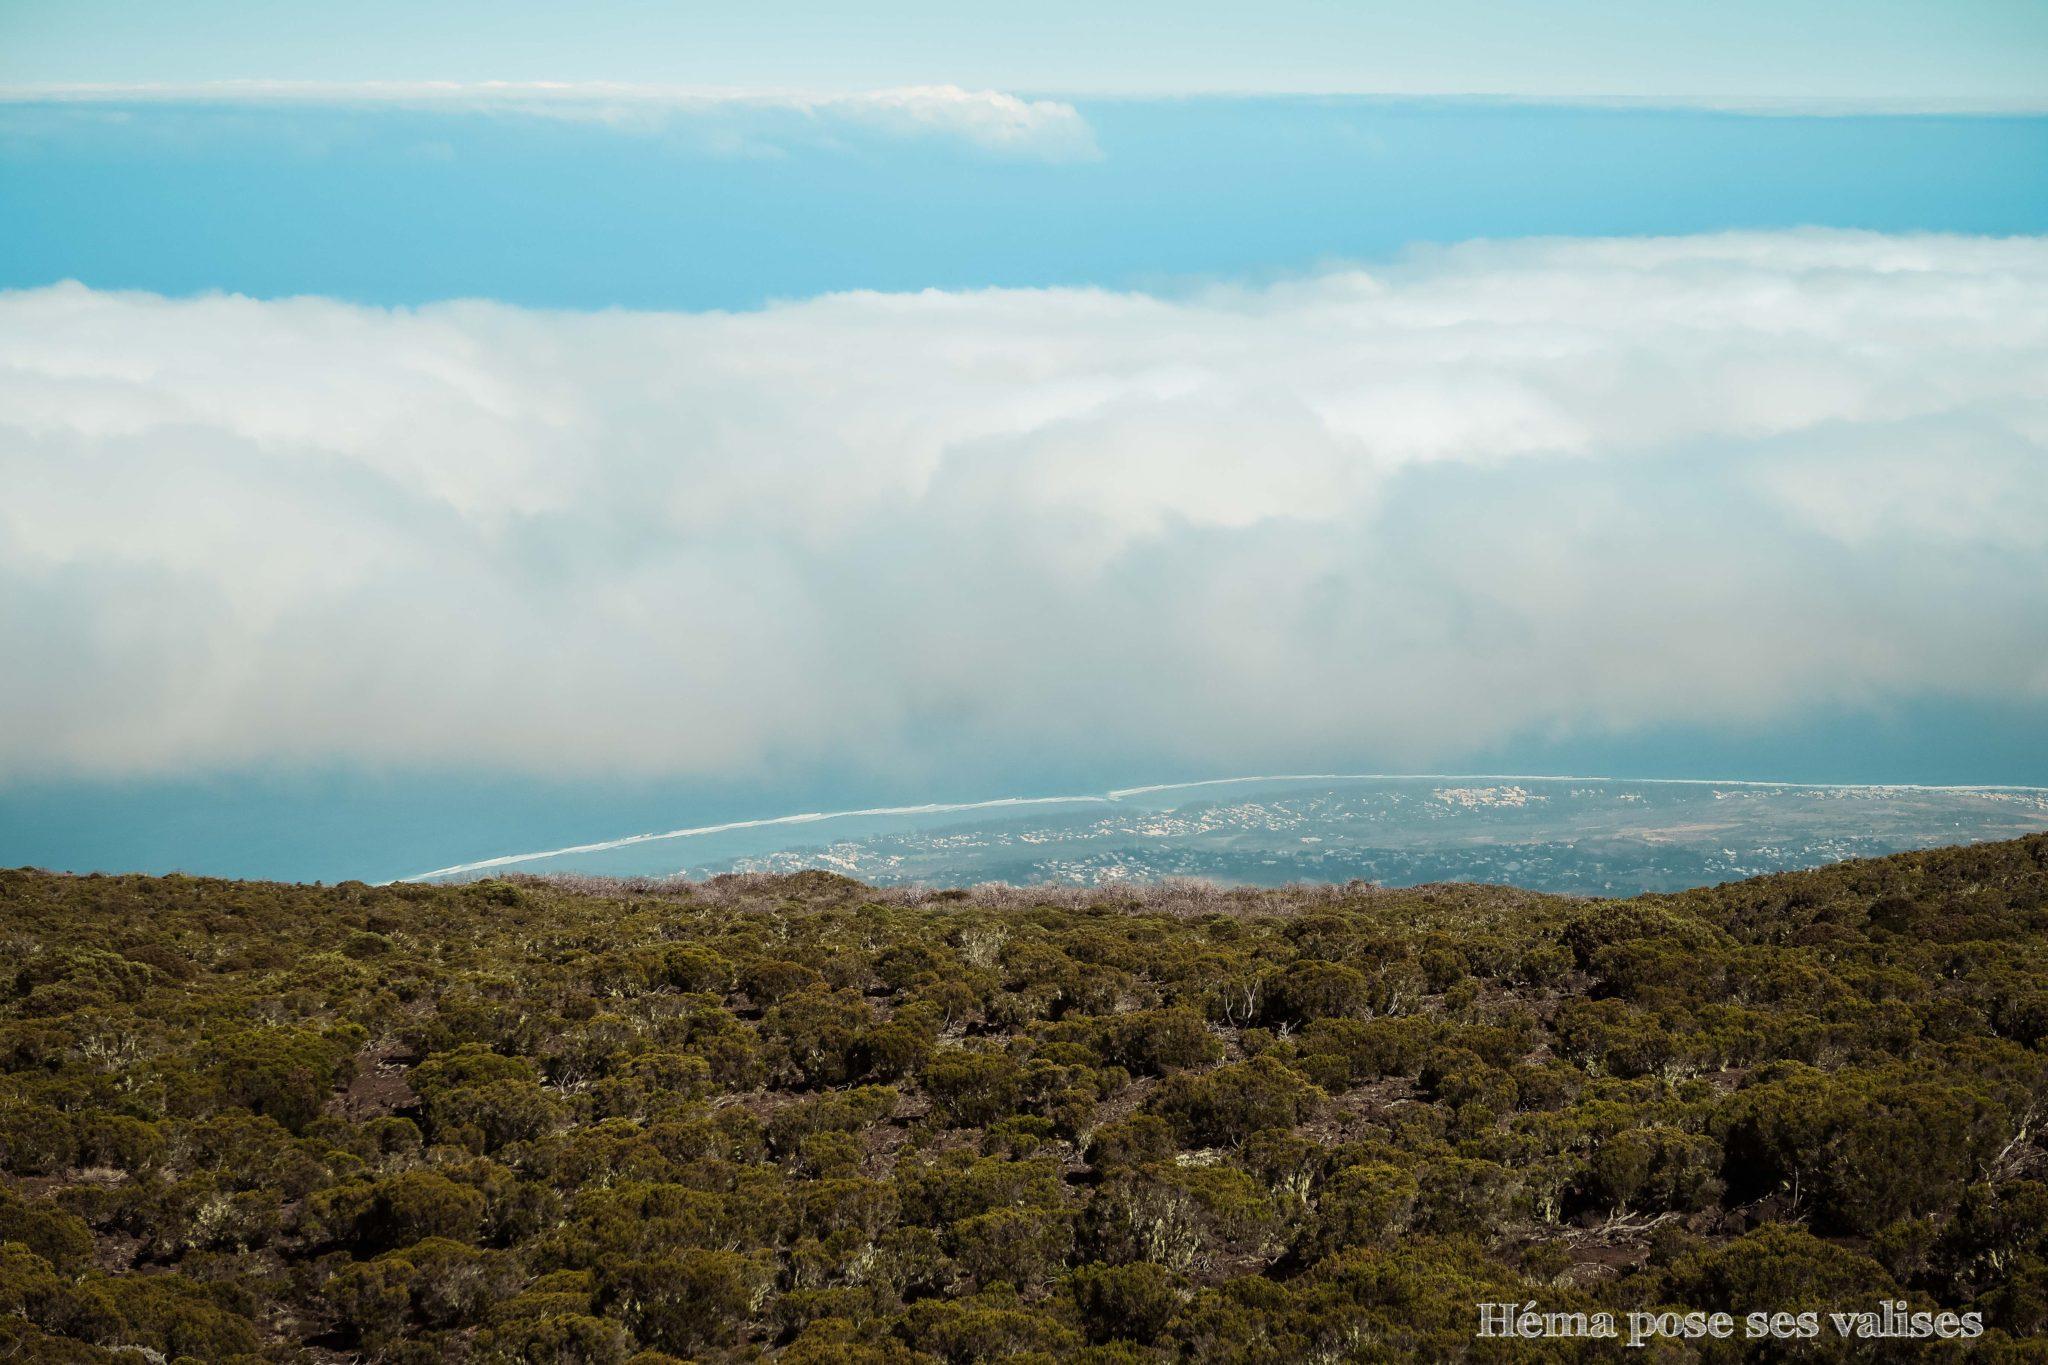 Vue sur la côte depuis le sentier de randonnée du Piton Maïdo